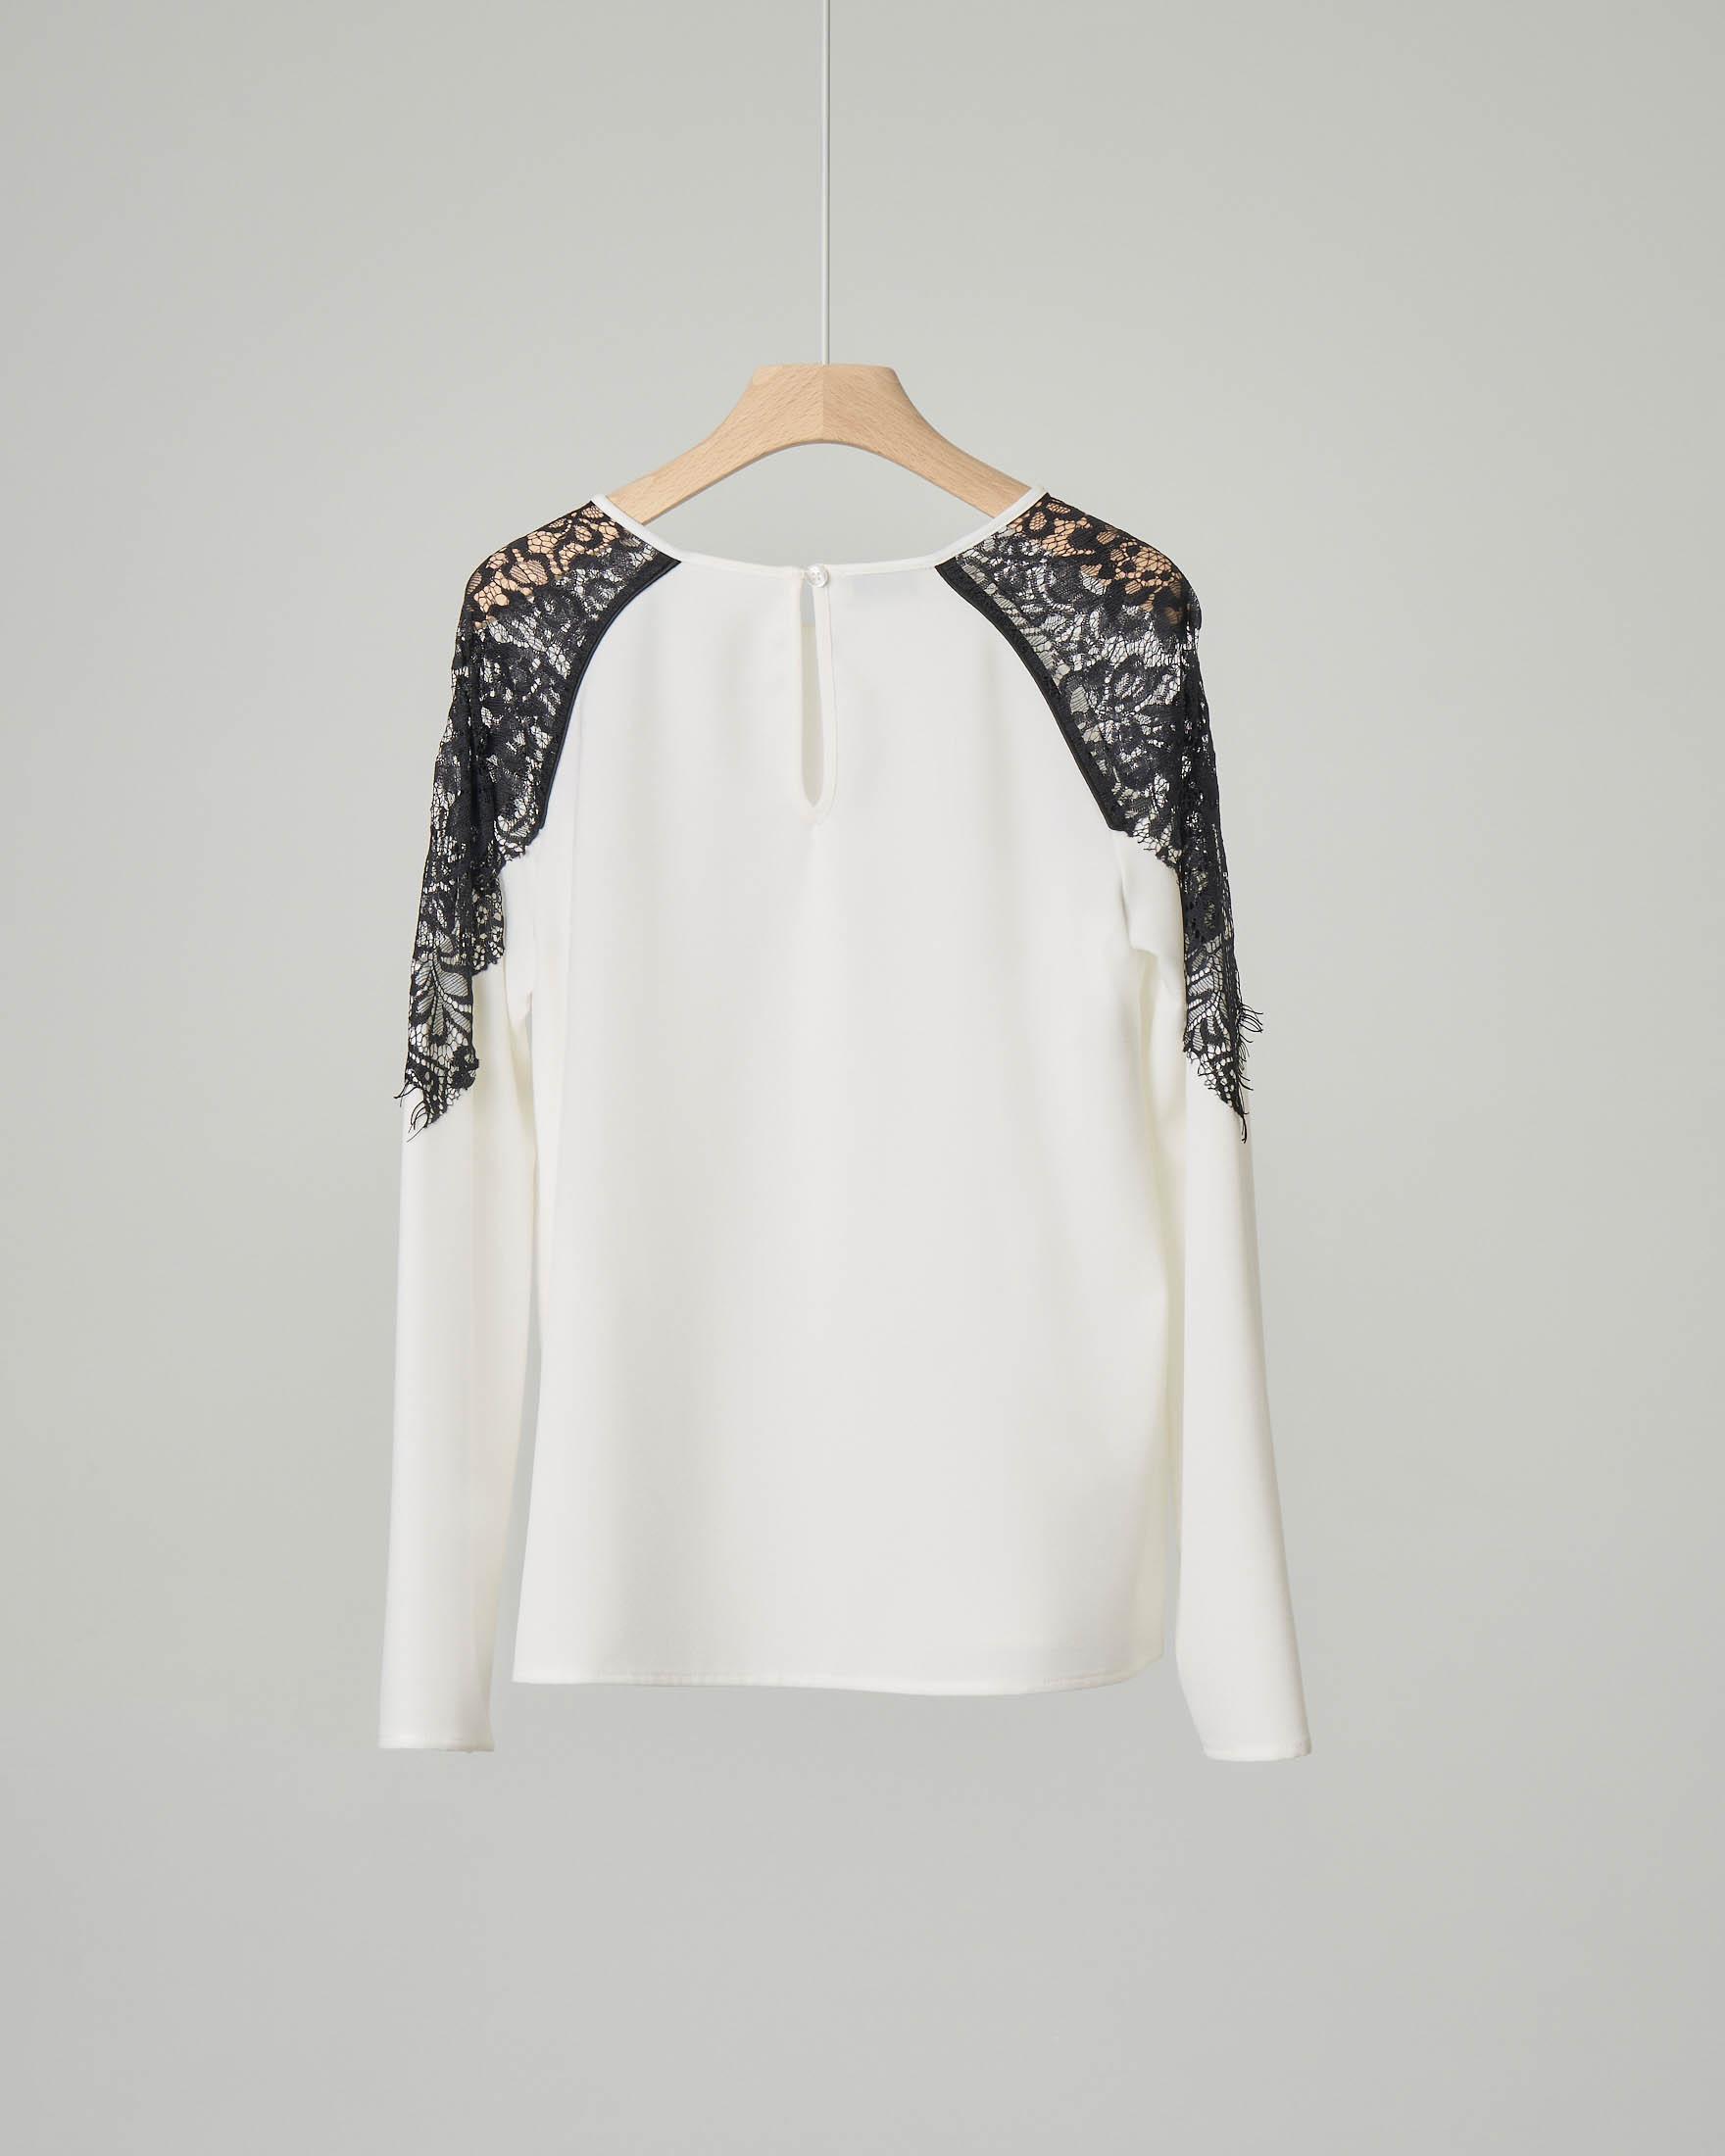 Camicia bianca con spalle in pizzo nero